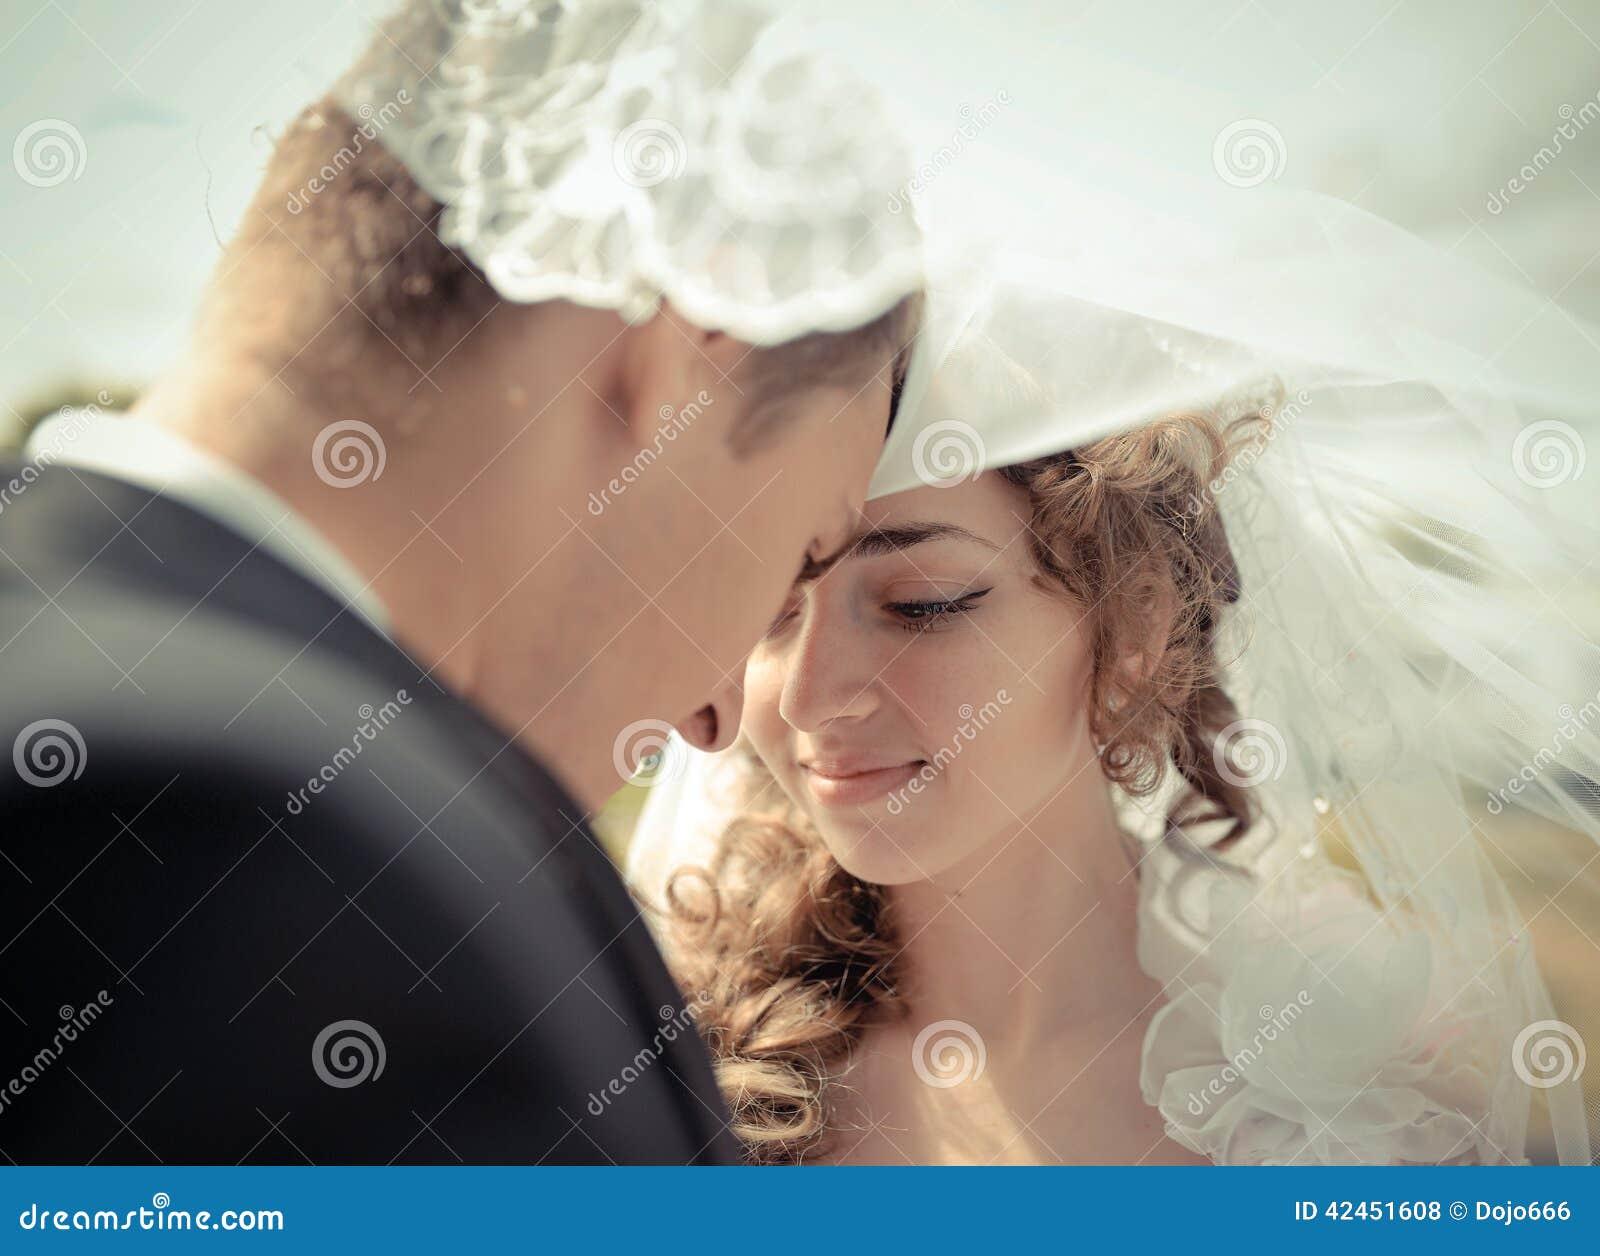 Bräute und der Bräutigam unter einem Schleier